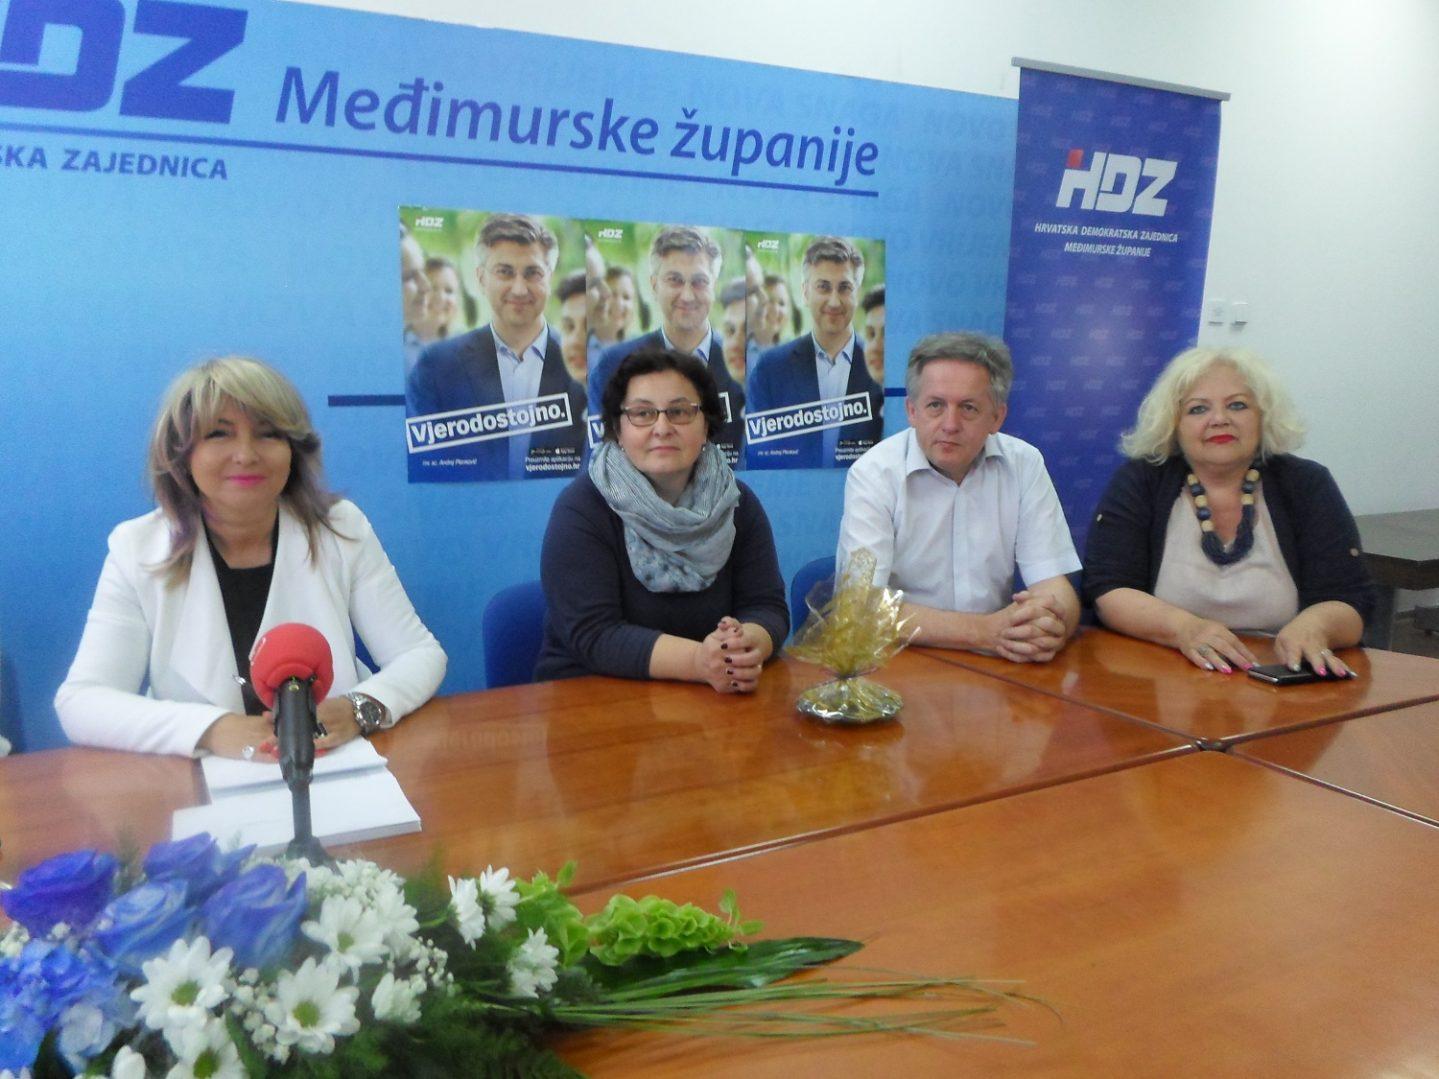 Zajednica žena HDZ-a Katarina Zrinski